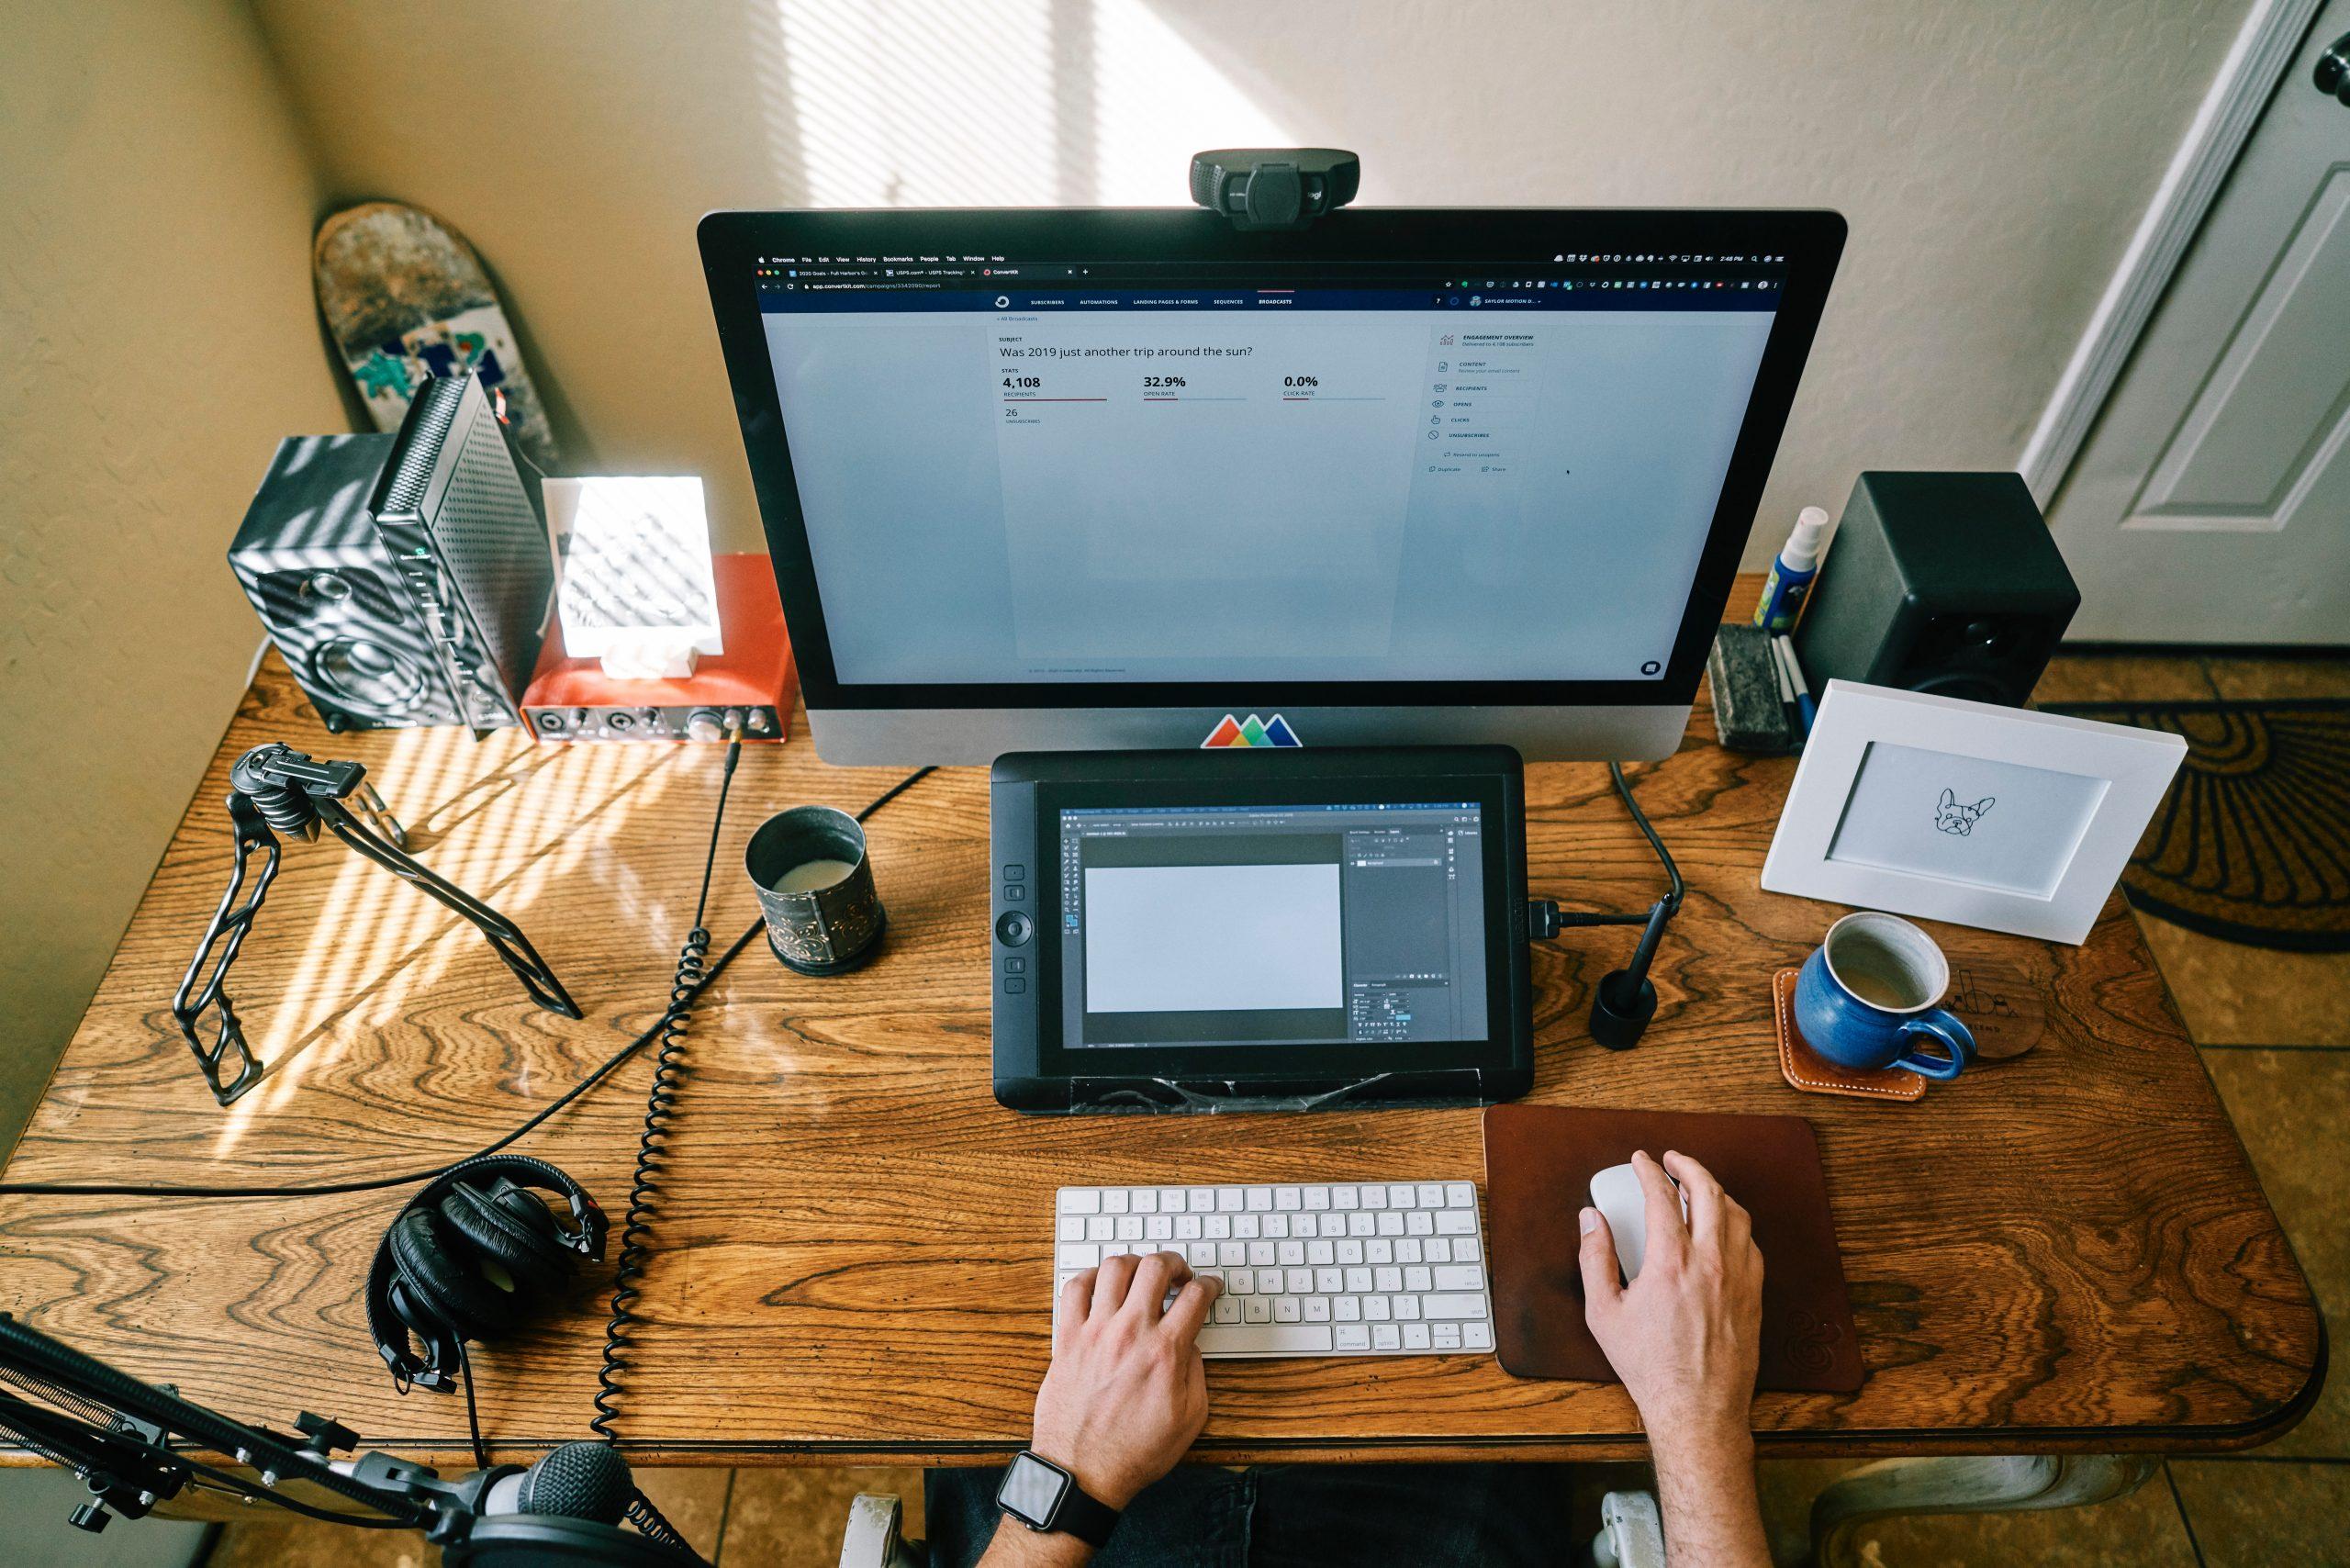 Remote Working Workstation Checklist